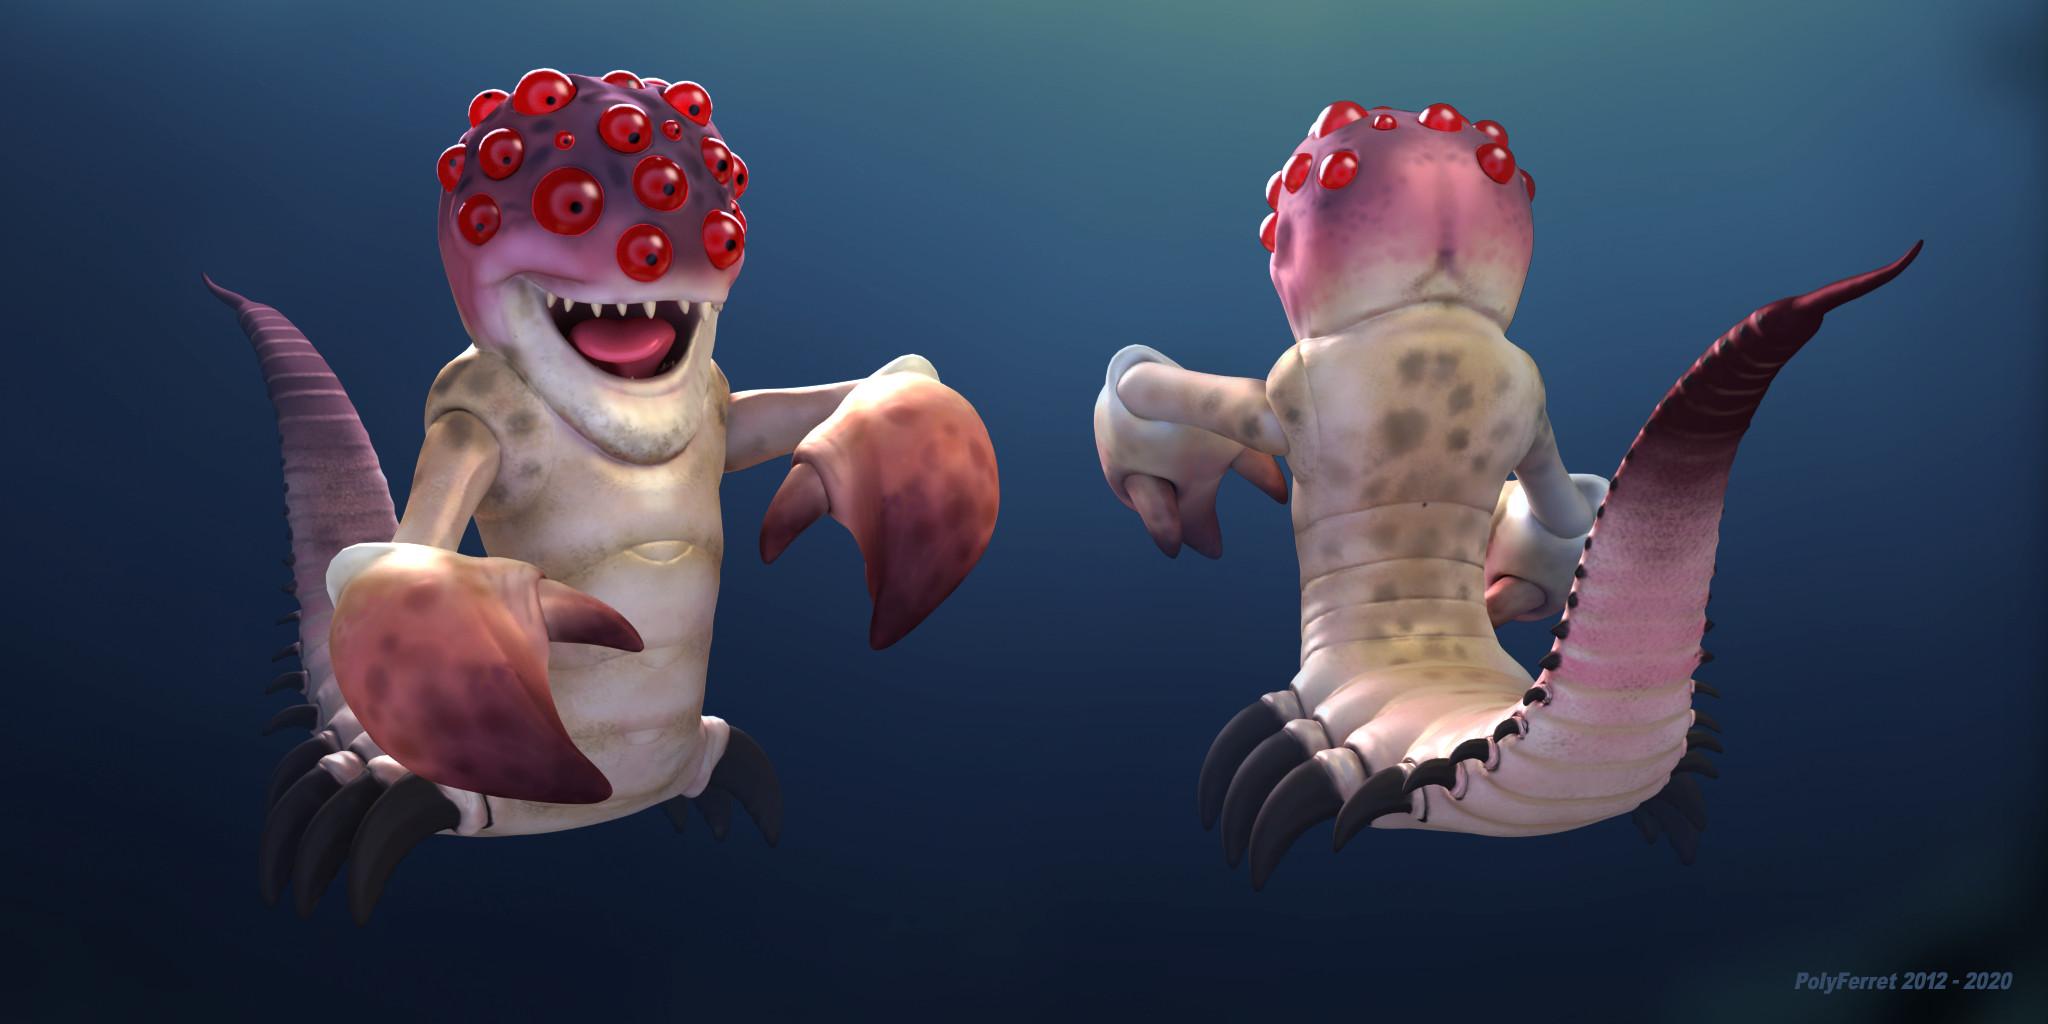 New render for Alien Lobster.